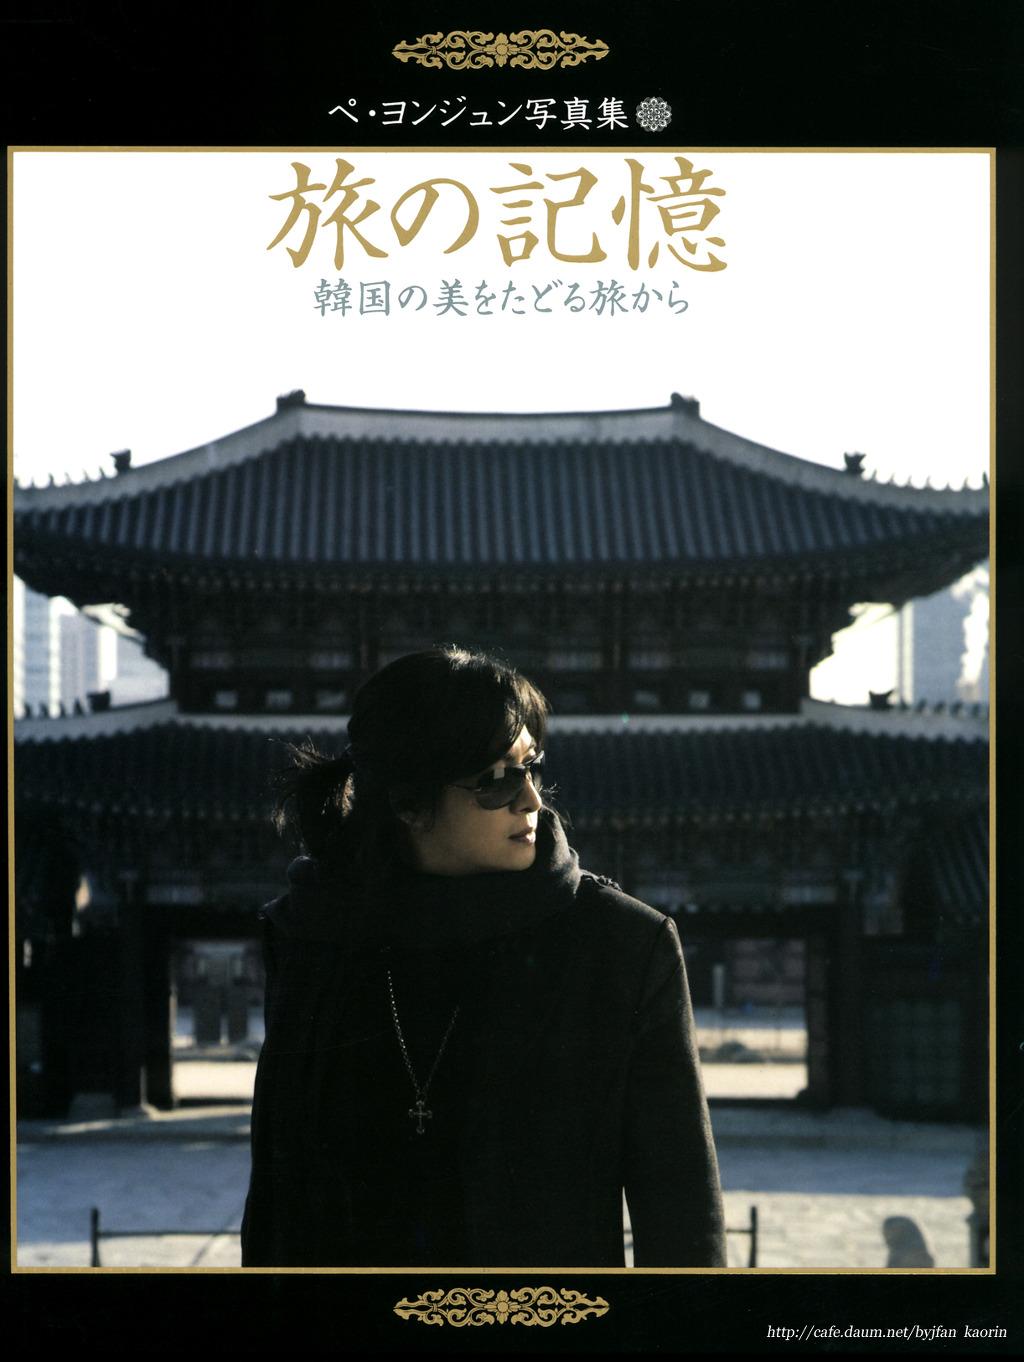 ヨン様の写真集!旅の記憶!の発売日~!_d0060693_211571.jpg